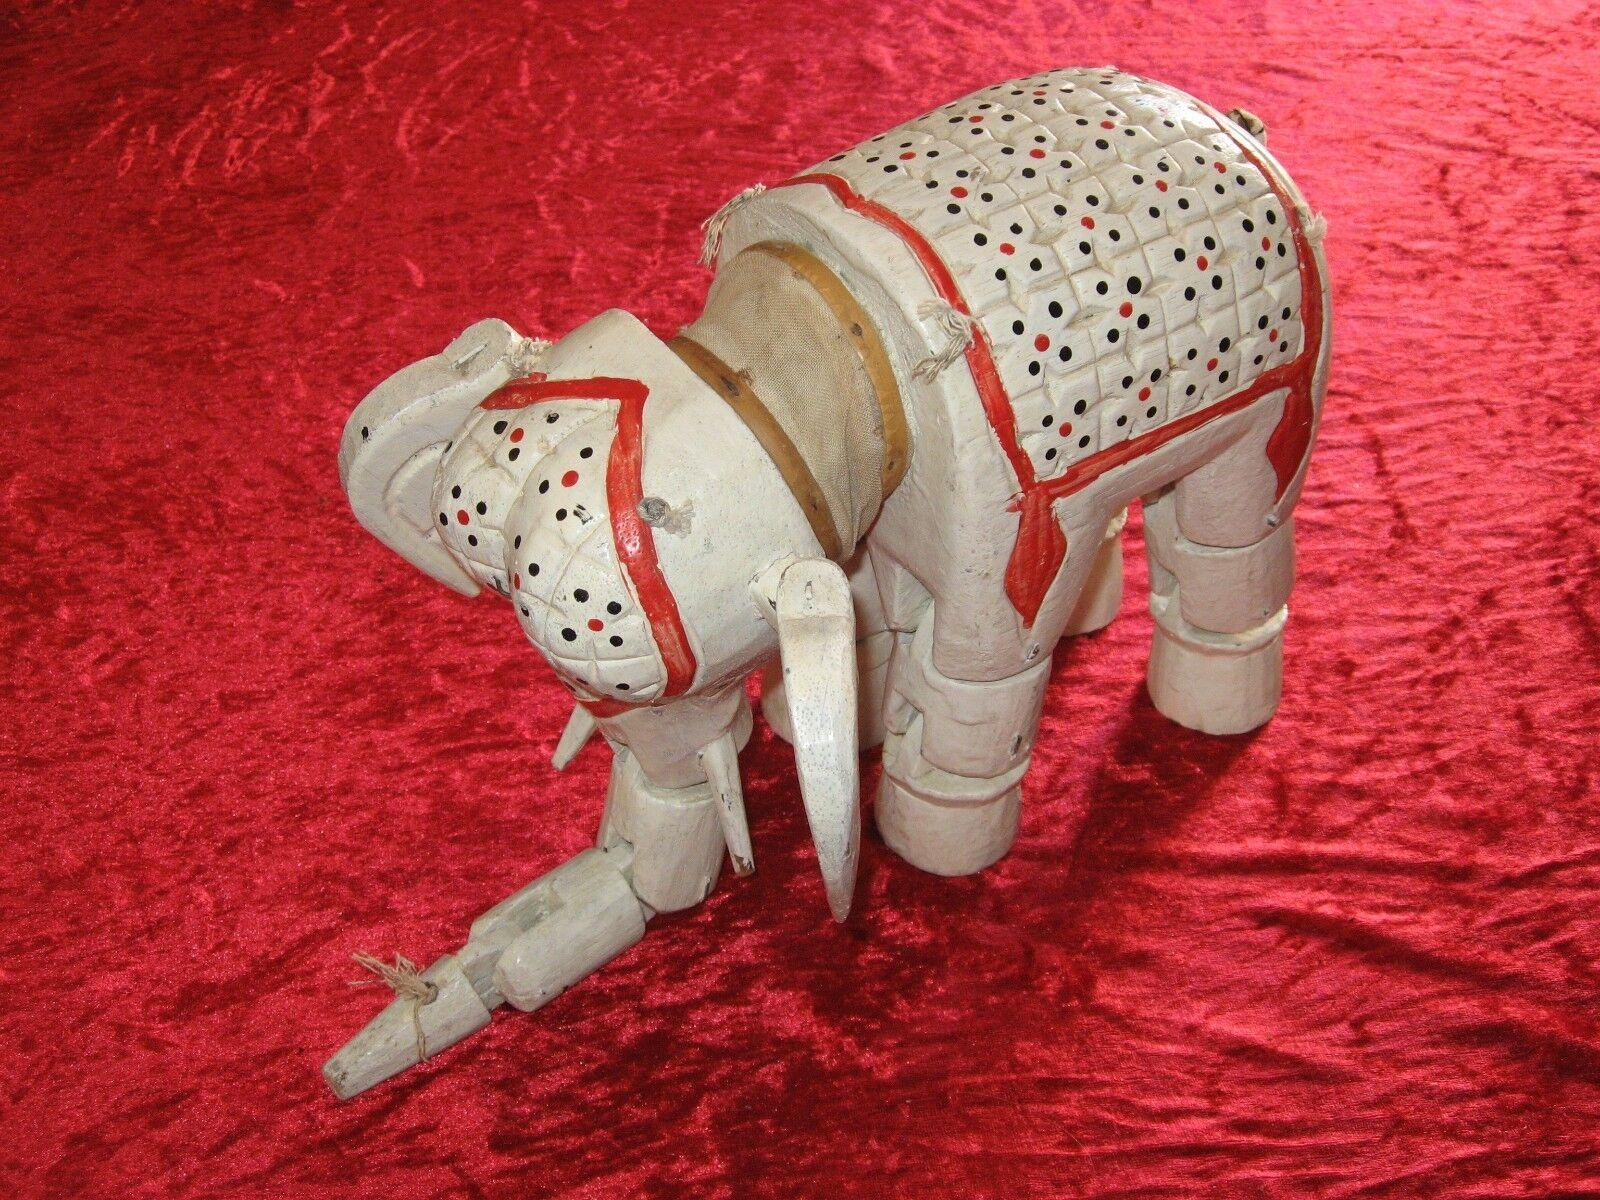 Interessante alte Elefanten Holz-Marionette (21 5 cm hoch) - zur Überarbeitung